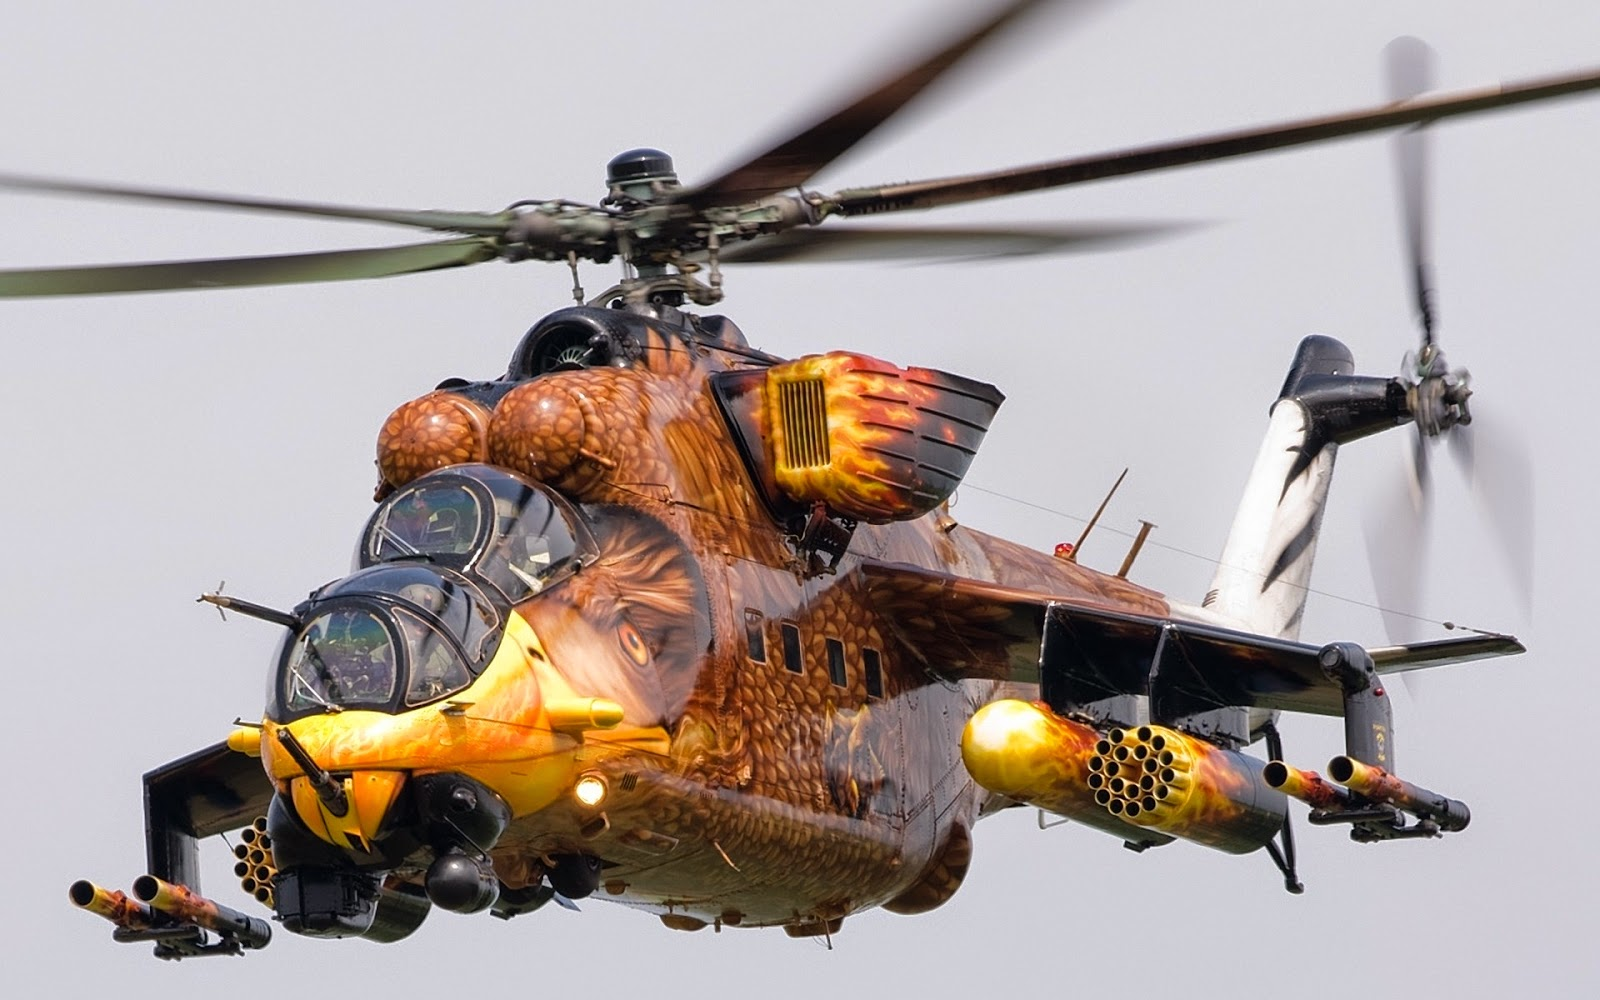 Russische Mi-24 helikopter uit Hongarije